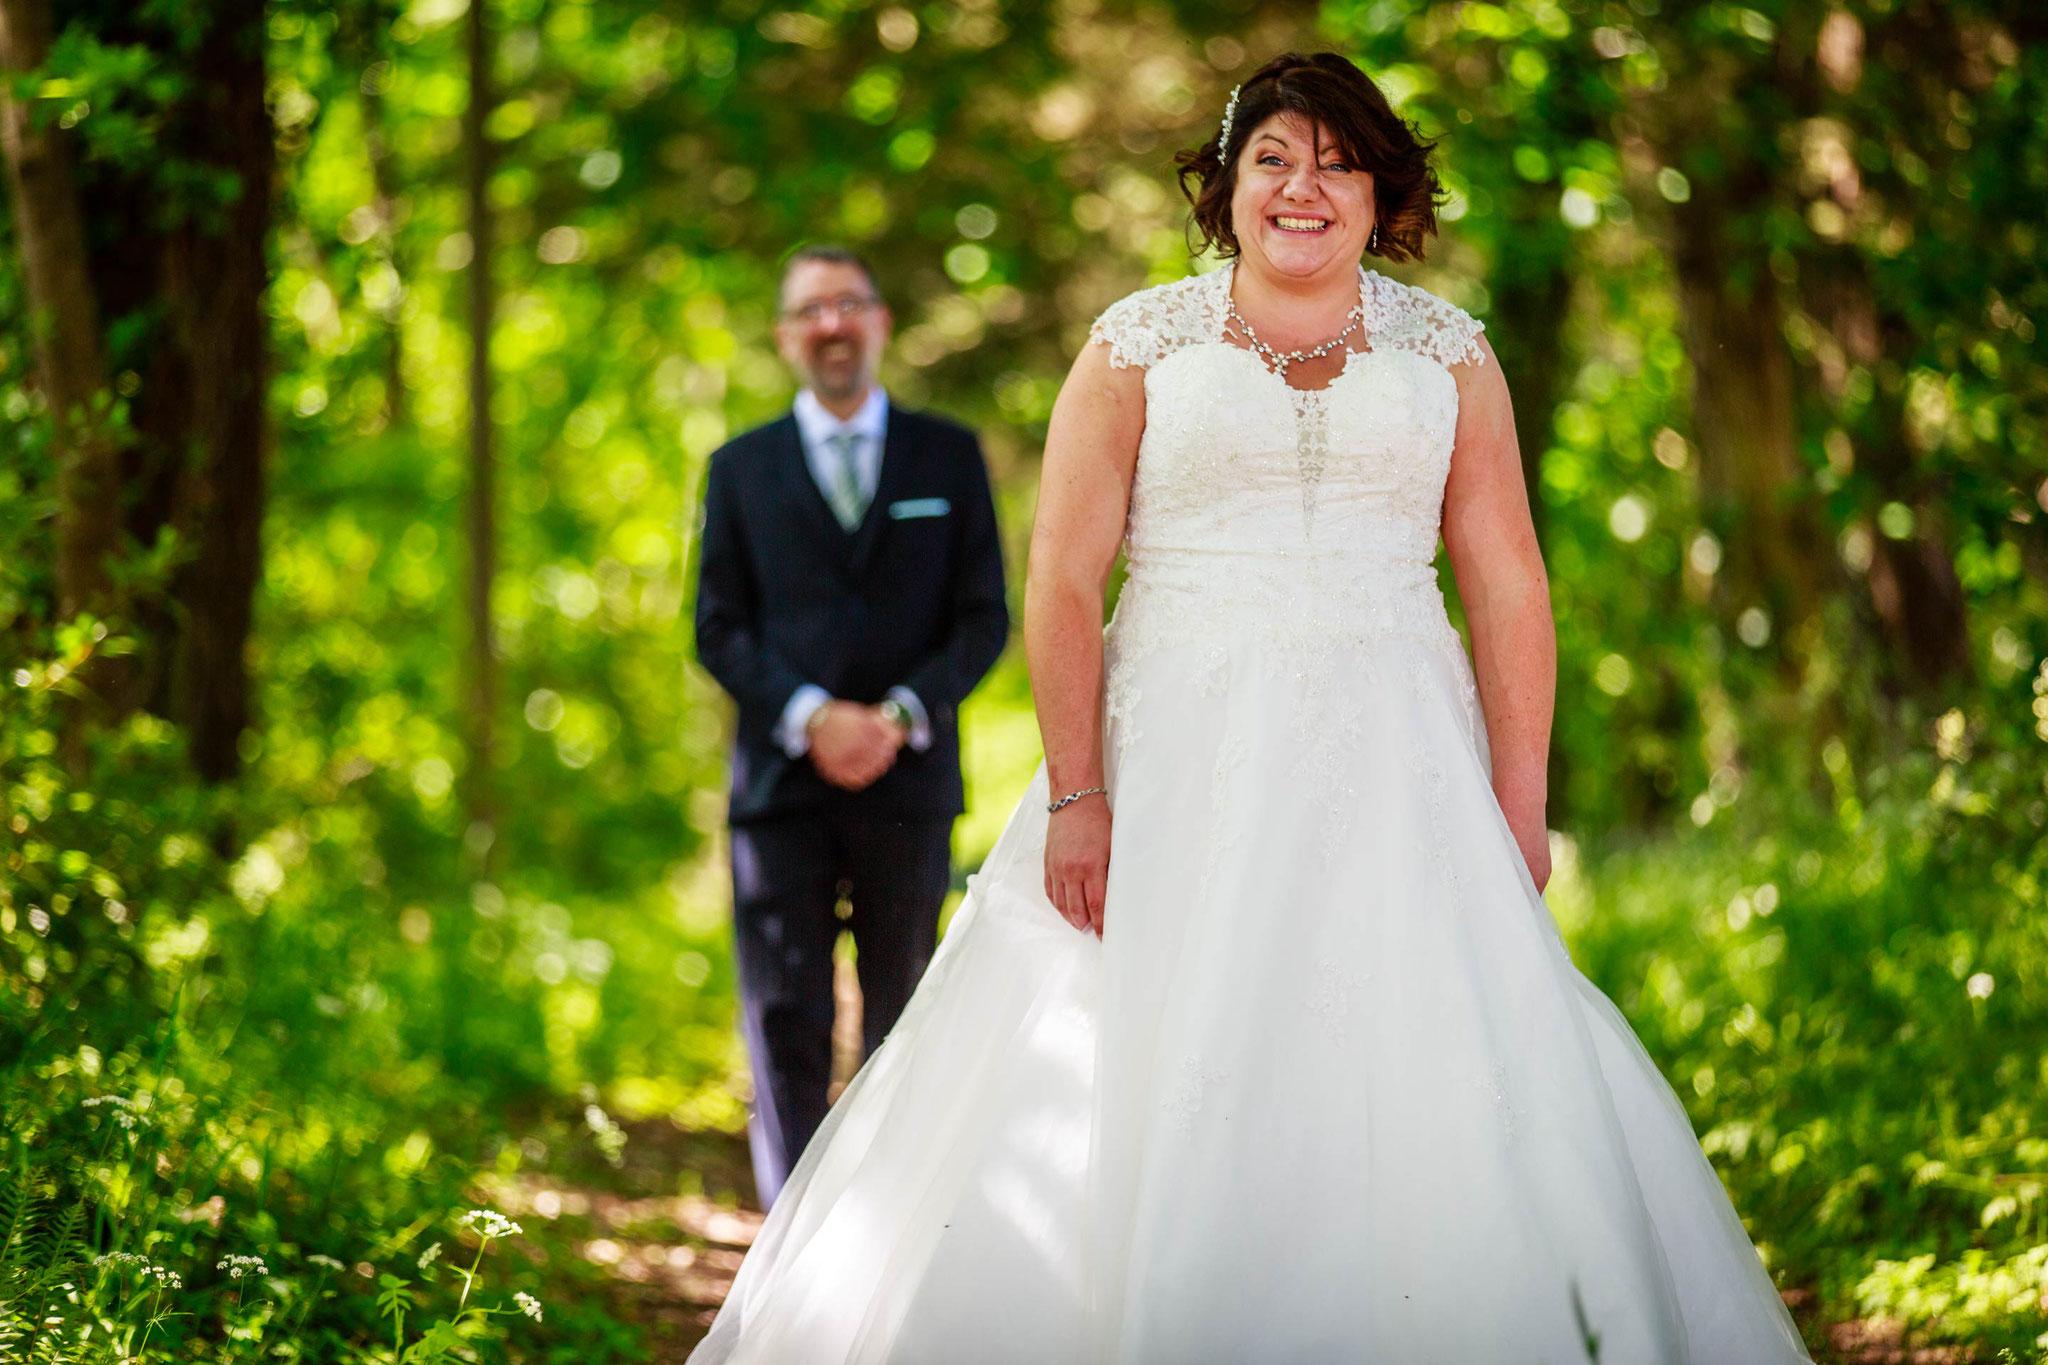 séance photo de mariage en apparté sur un chemin forestier